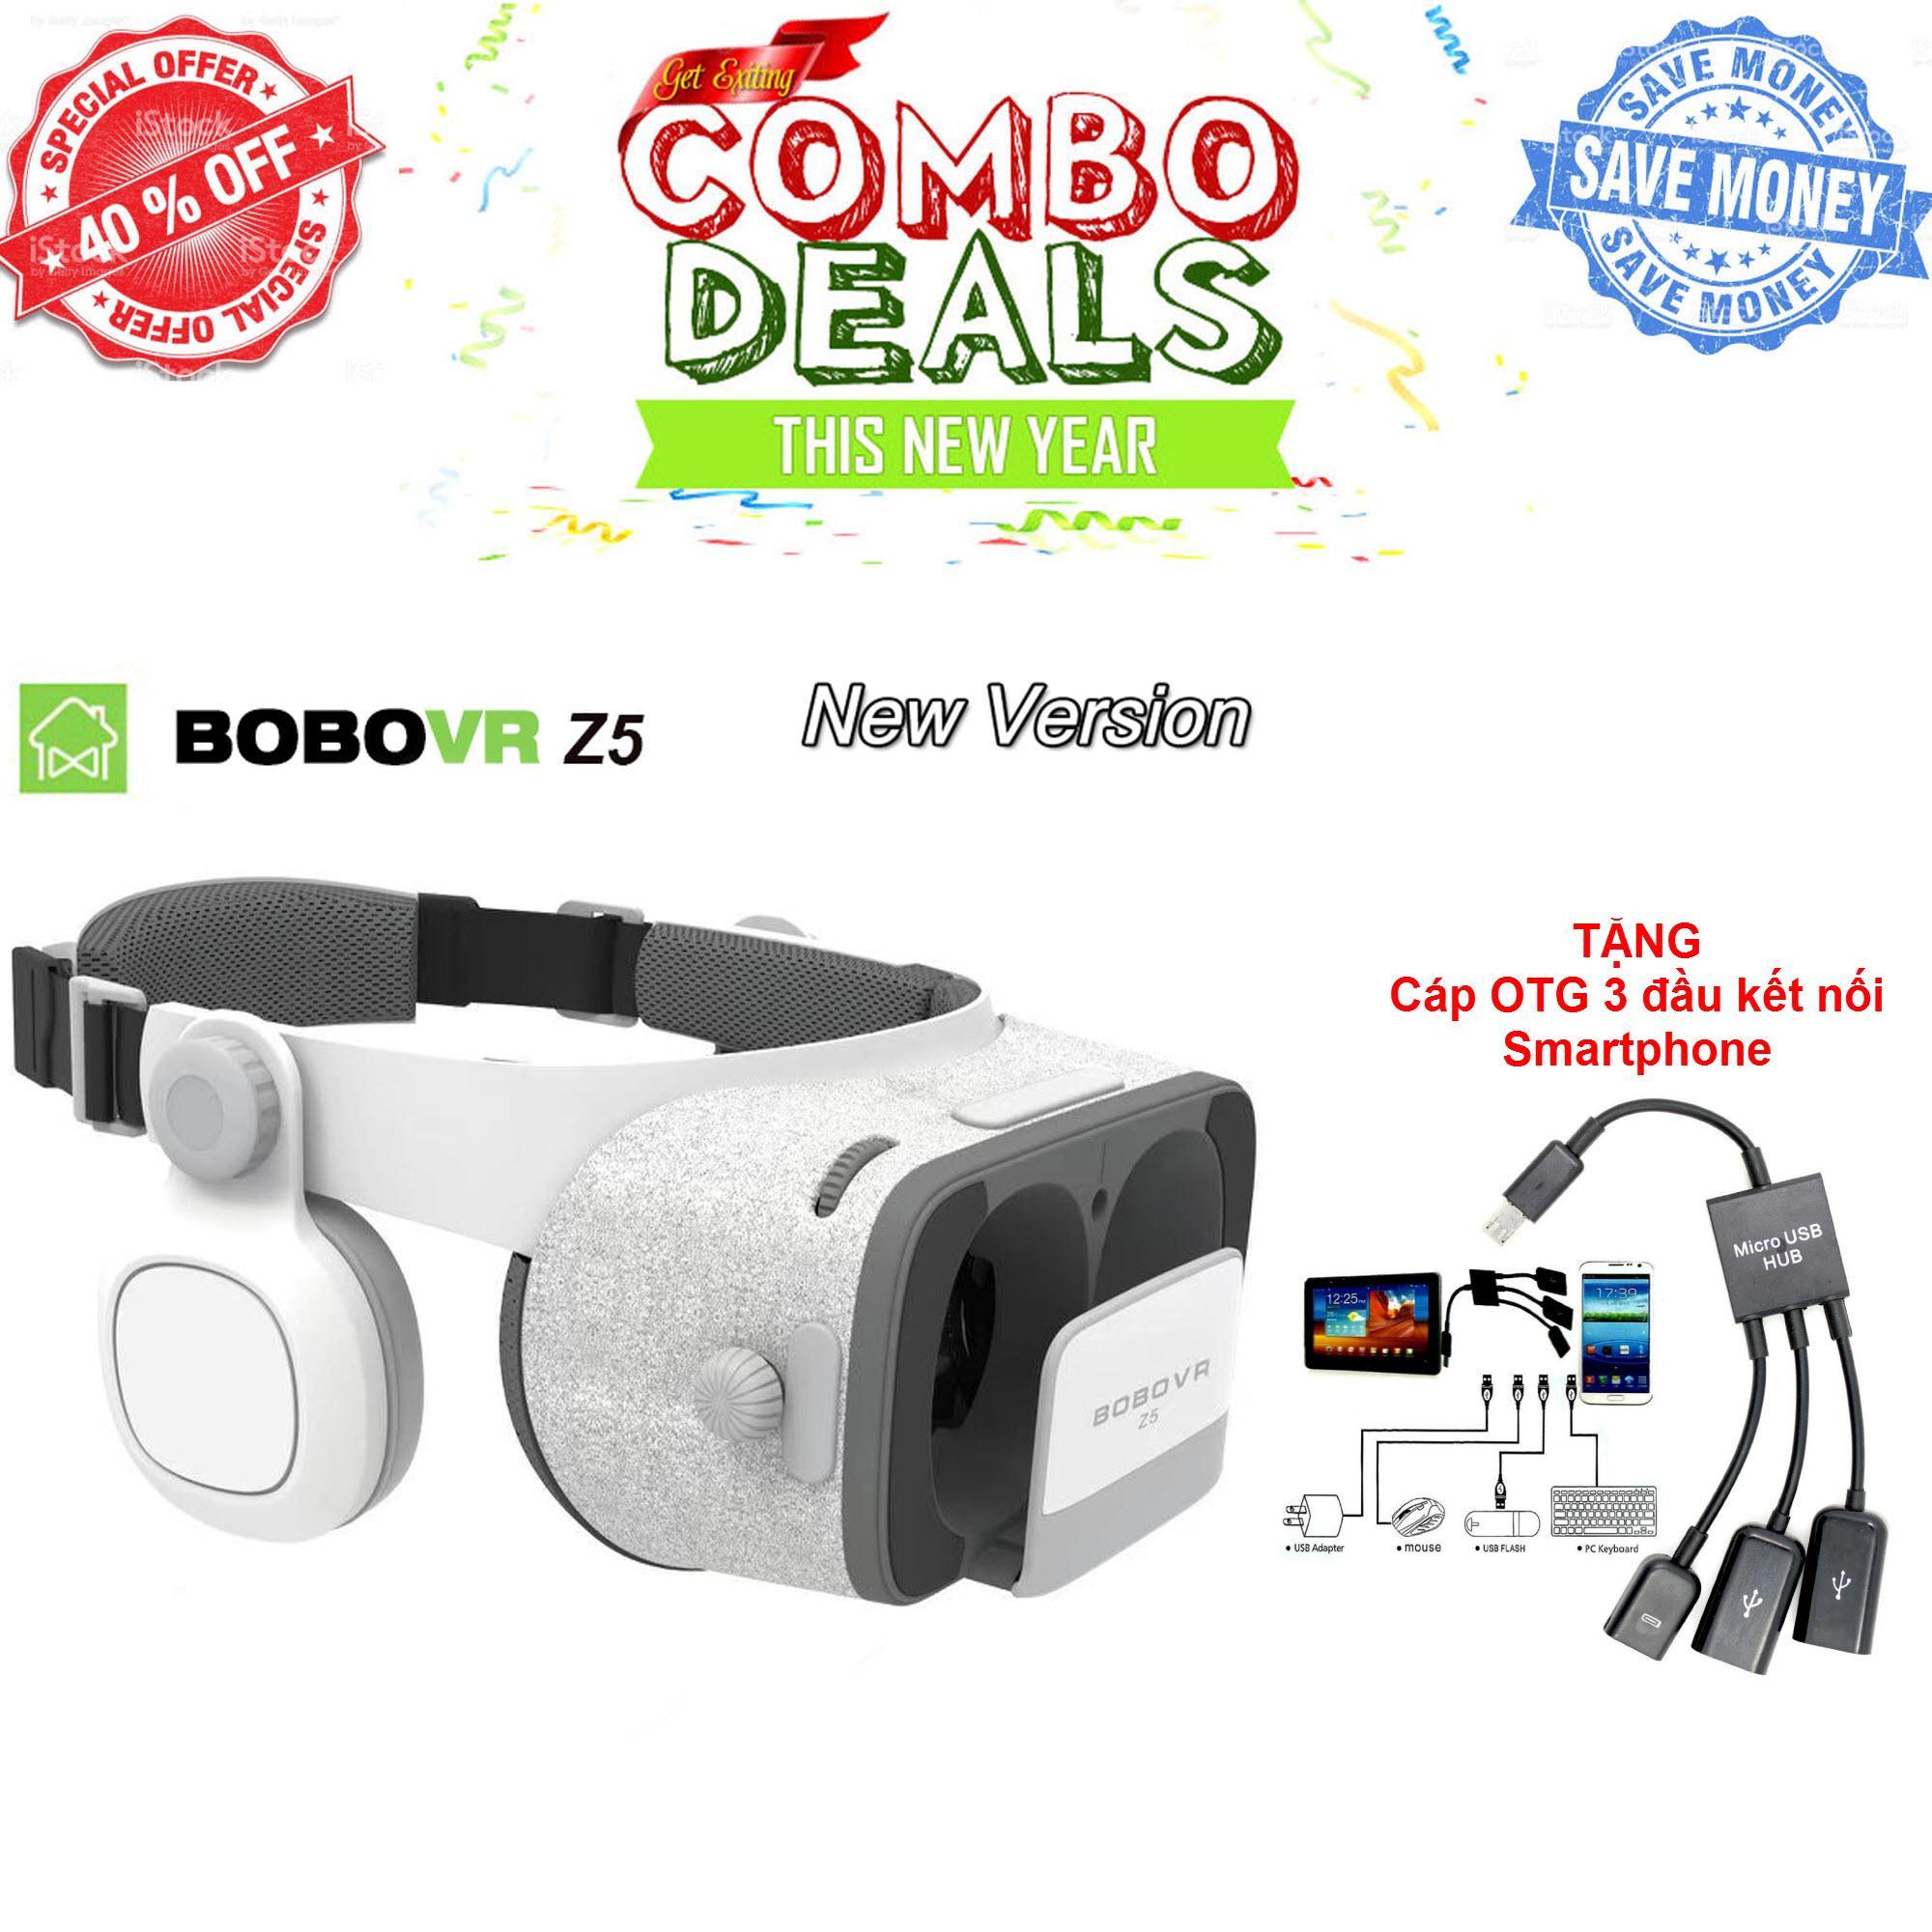 Có Tem Xác Thực - Kính thực tế ảo 3D Bo.bo VR Z5 - Phiên bản nâng cấp toàn diện, bản nâng cấp Kính thực tế ảo thông minh thế hệ 2 BOBOVR Z5, Kính thực tế ảo VR BOX 3D phiên bản mớiKính thực tế ảo 3D BOBOVR Z5 - Công ty nhập khẩu và phân phối